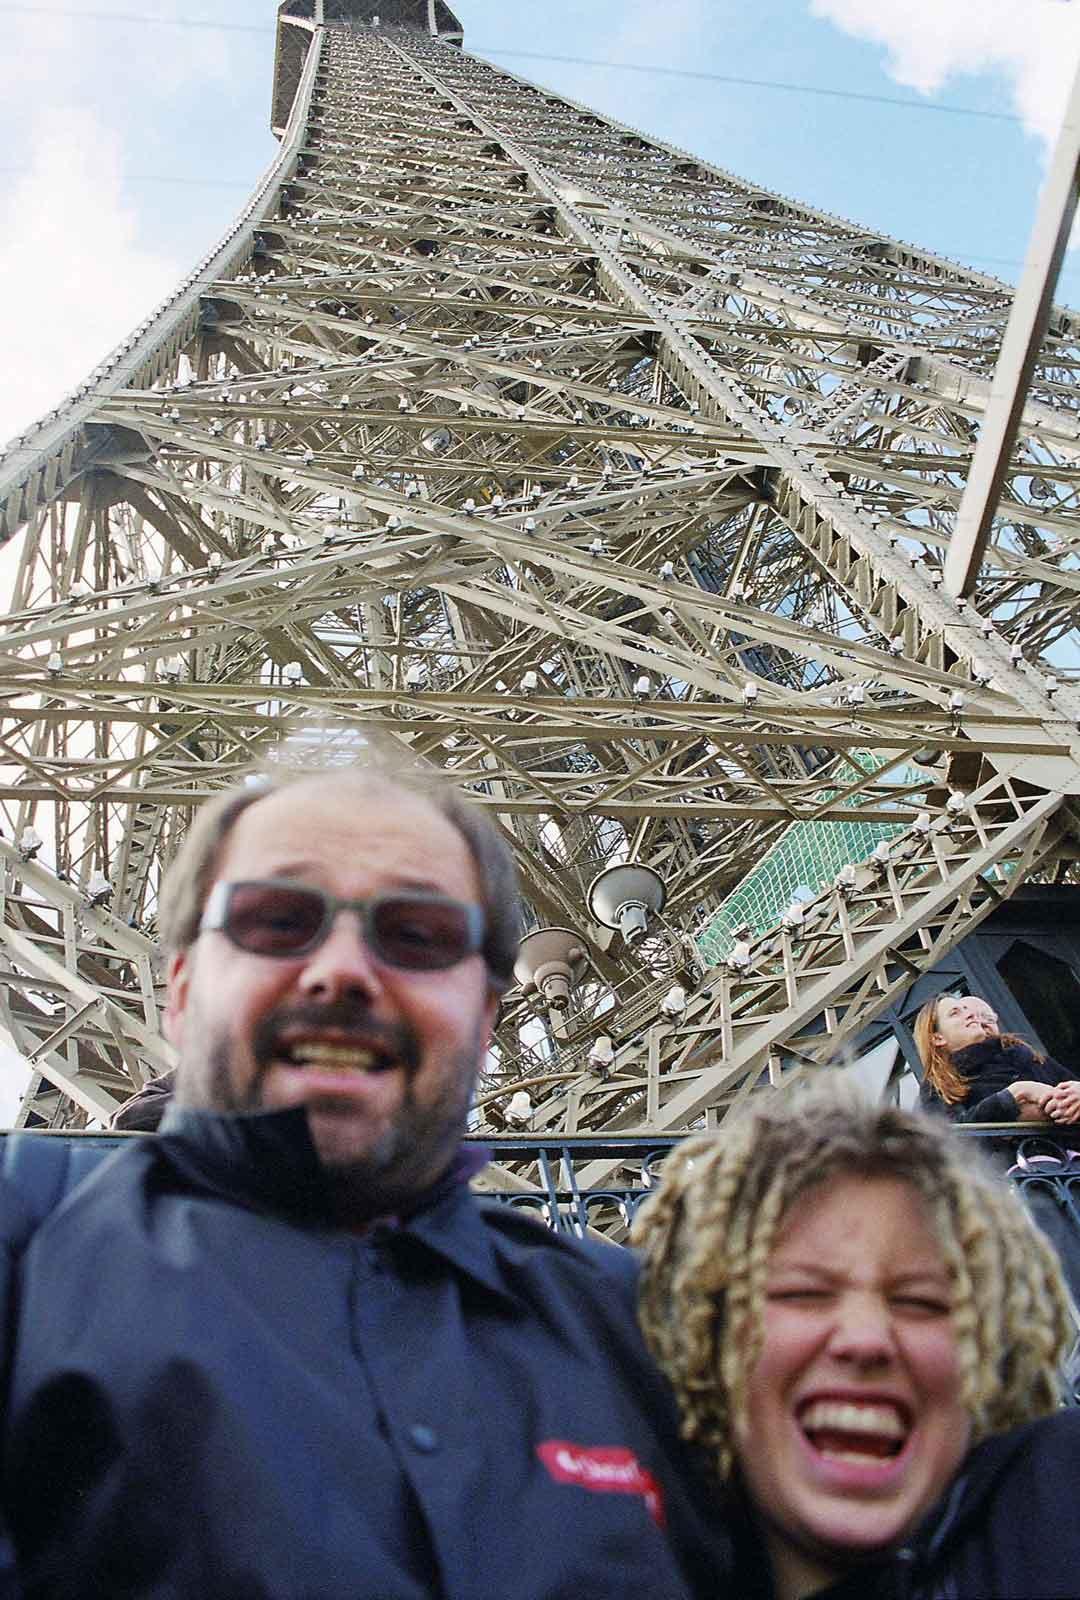 Vuonna 2000 tehty perhematka Pariisiin on jäänyt nostalgiseksi muistoksi ajasta, jolloin elämä vielä näytti paljon tavallisemmalta.